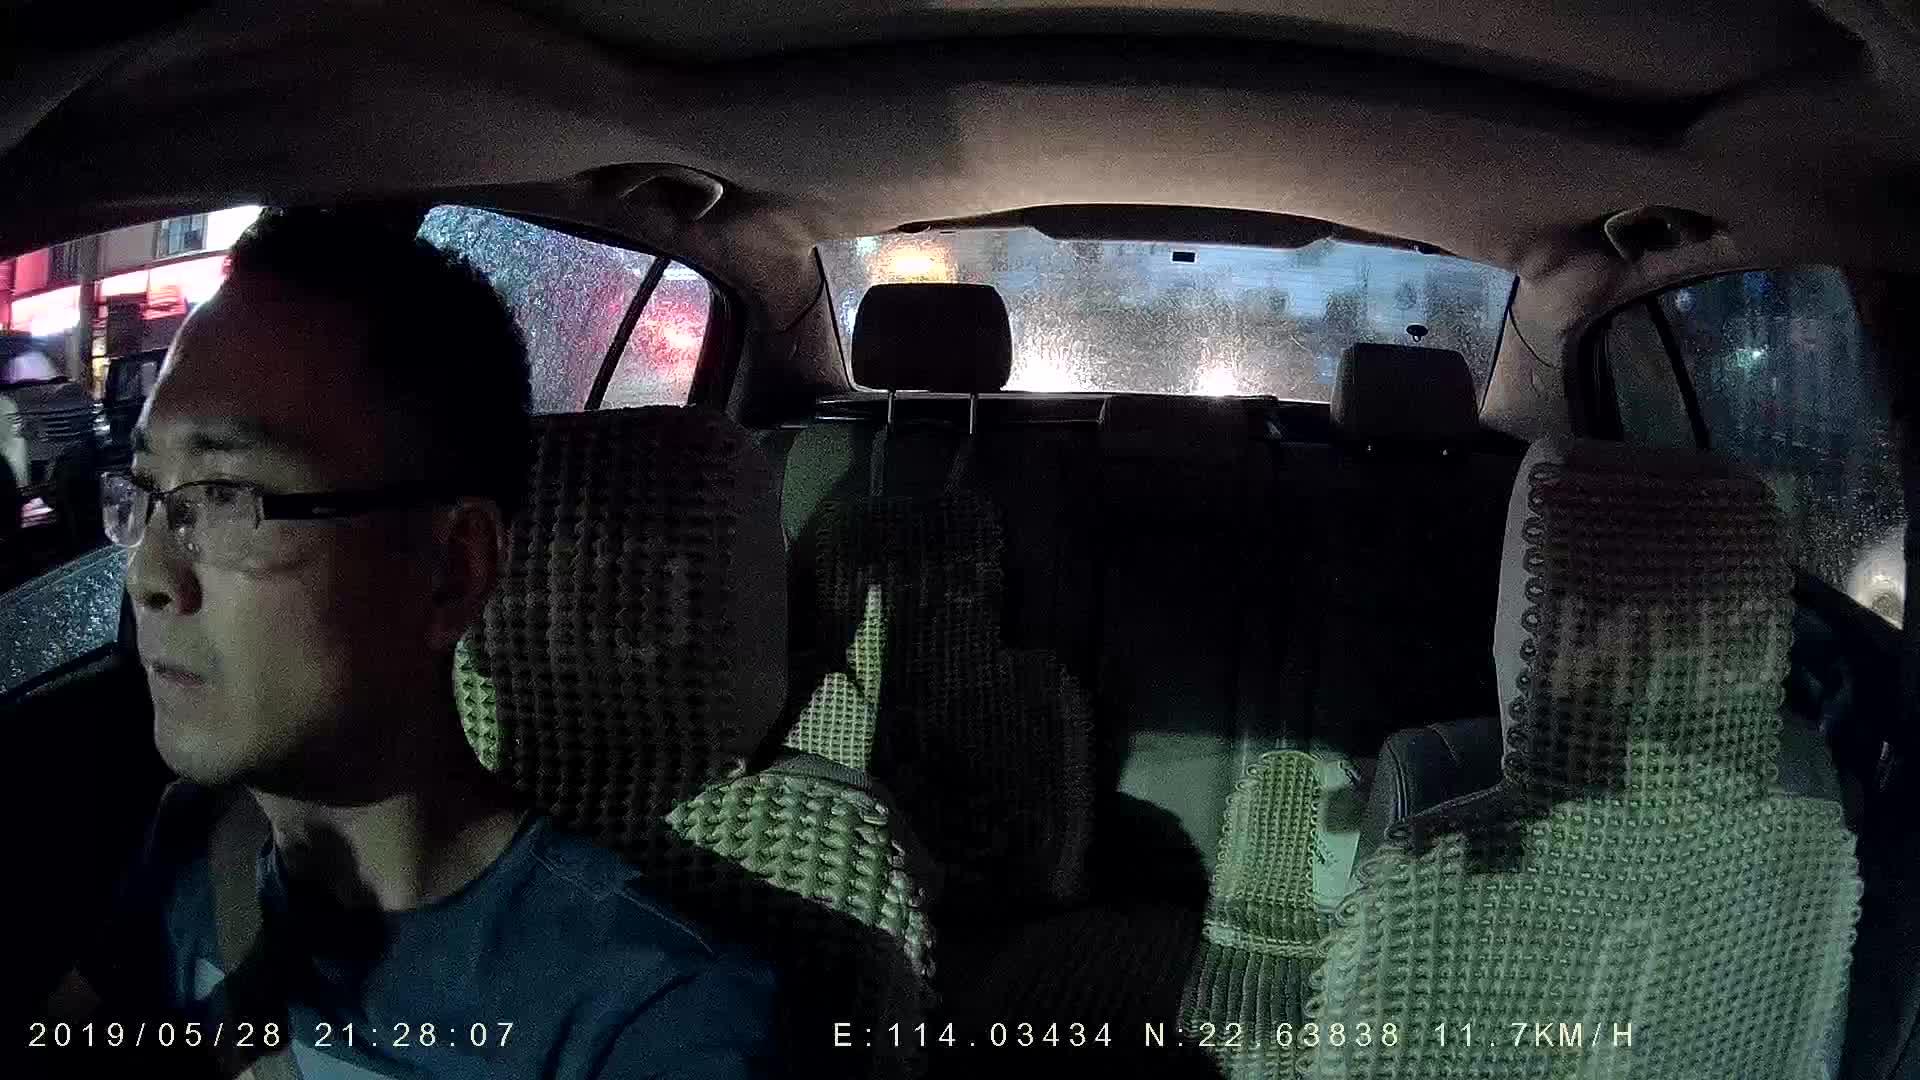 Eerste ontwerp fabriek prijs dual dash cam Voor en Achter Full HD 1080p met infrarood nachtzicht voor Uber taxi camera